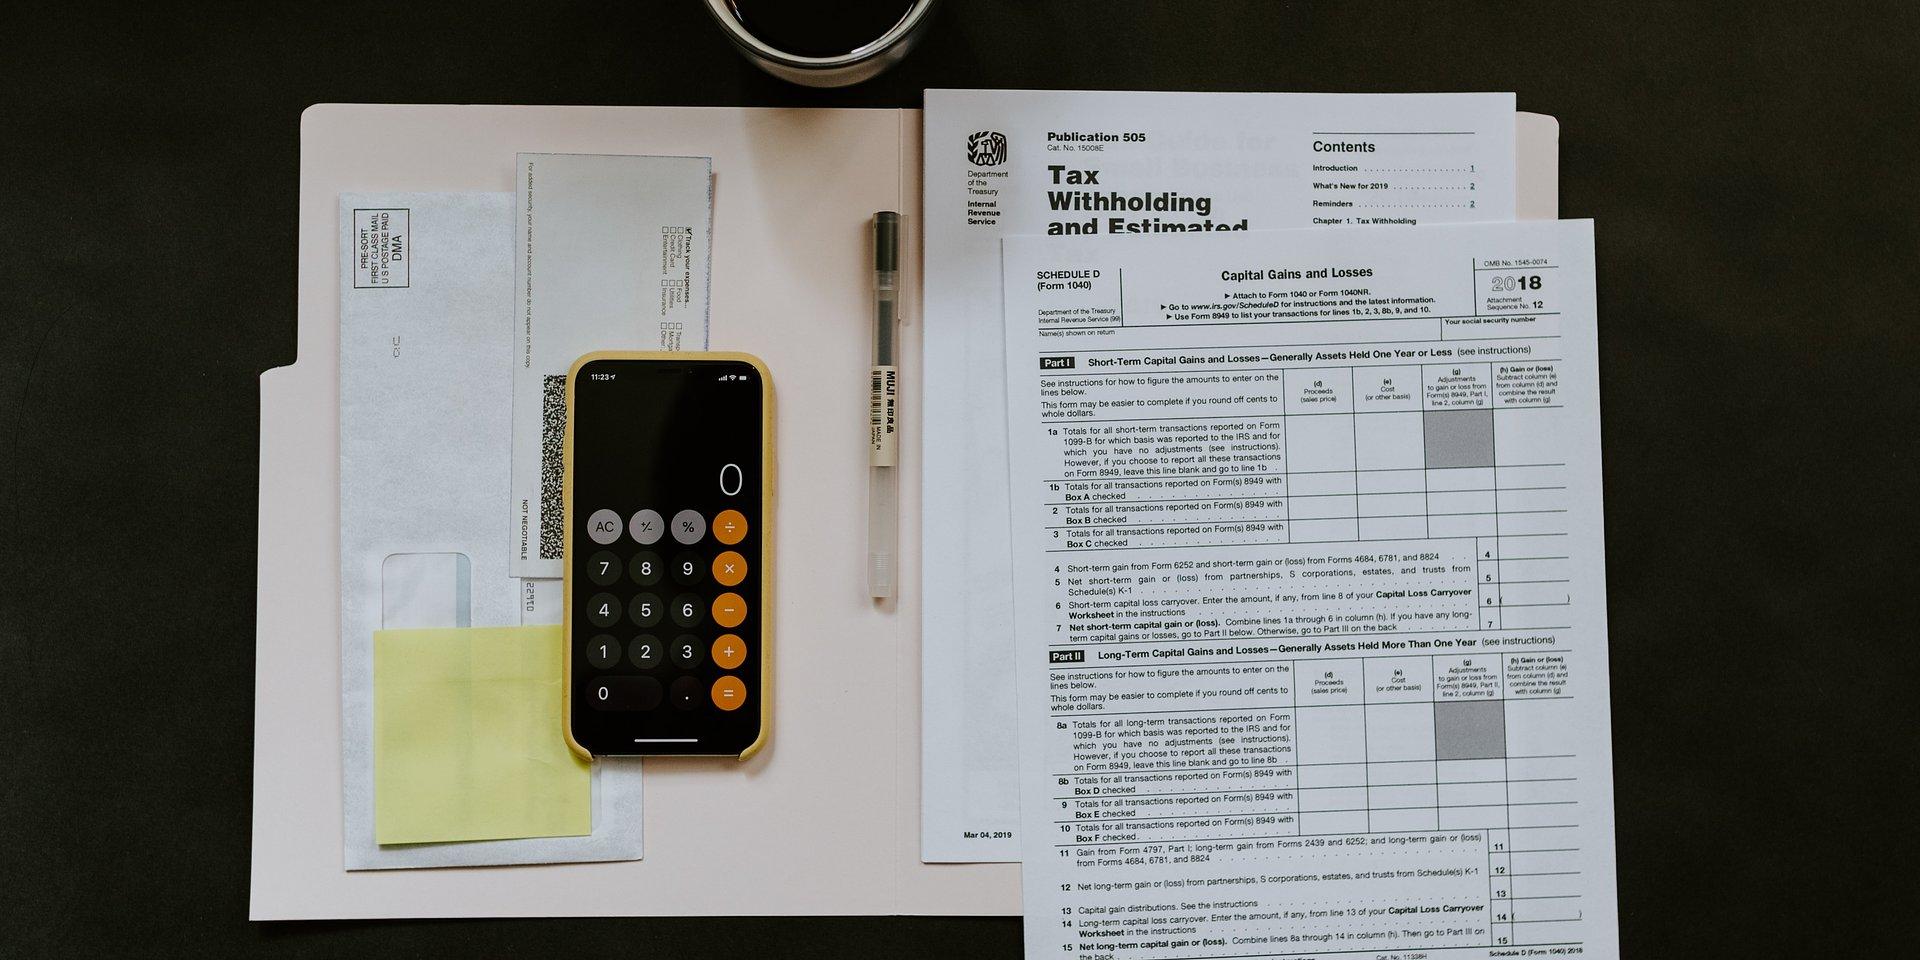 Sprawozdanie z realizacji strategii podatkowej – nowy obowiązek i wysokie kary